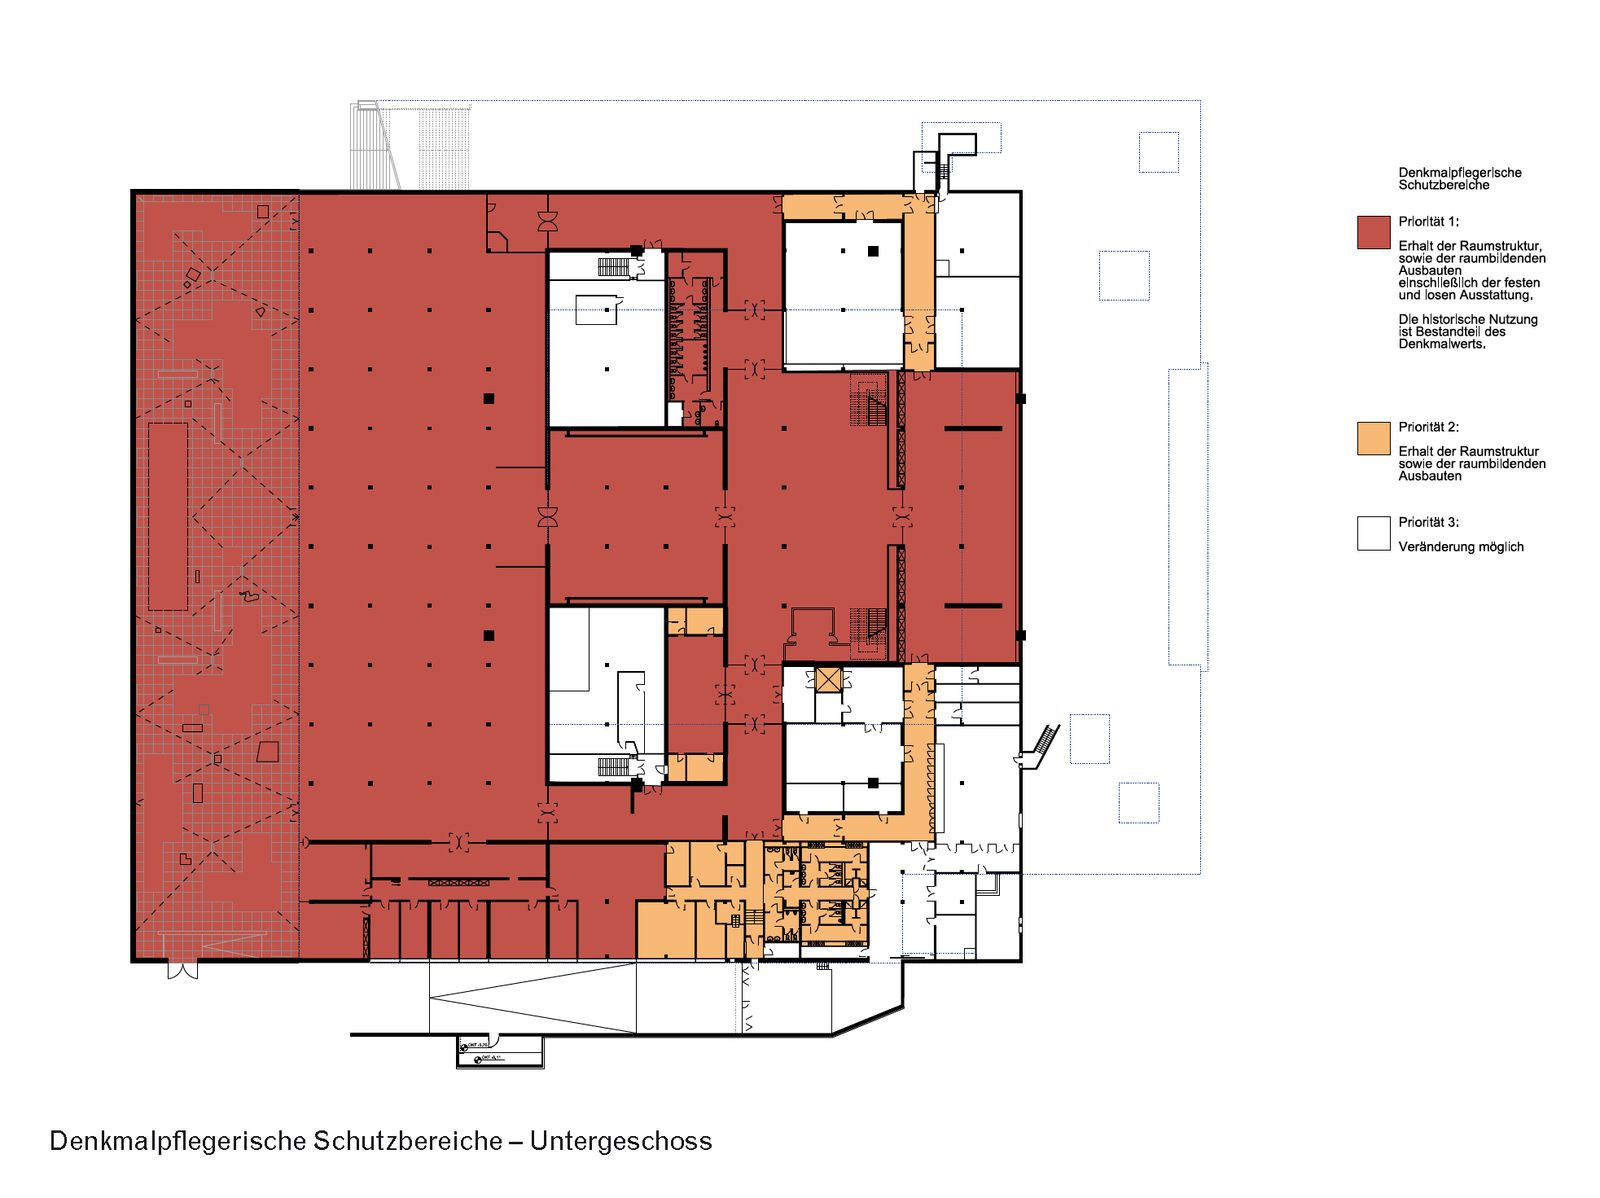 Denkmalpflegerischer Schutzbereich im Untergeschoss der Neuen Nationalgalerie. (c) David Chipperfield Architects für Bundesamt für Bauwesen und Raumordnung (BBR)